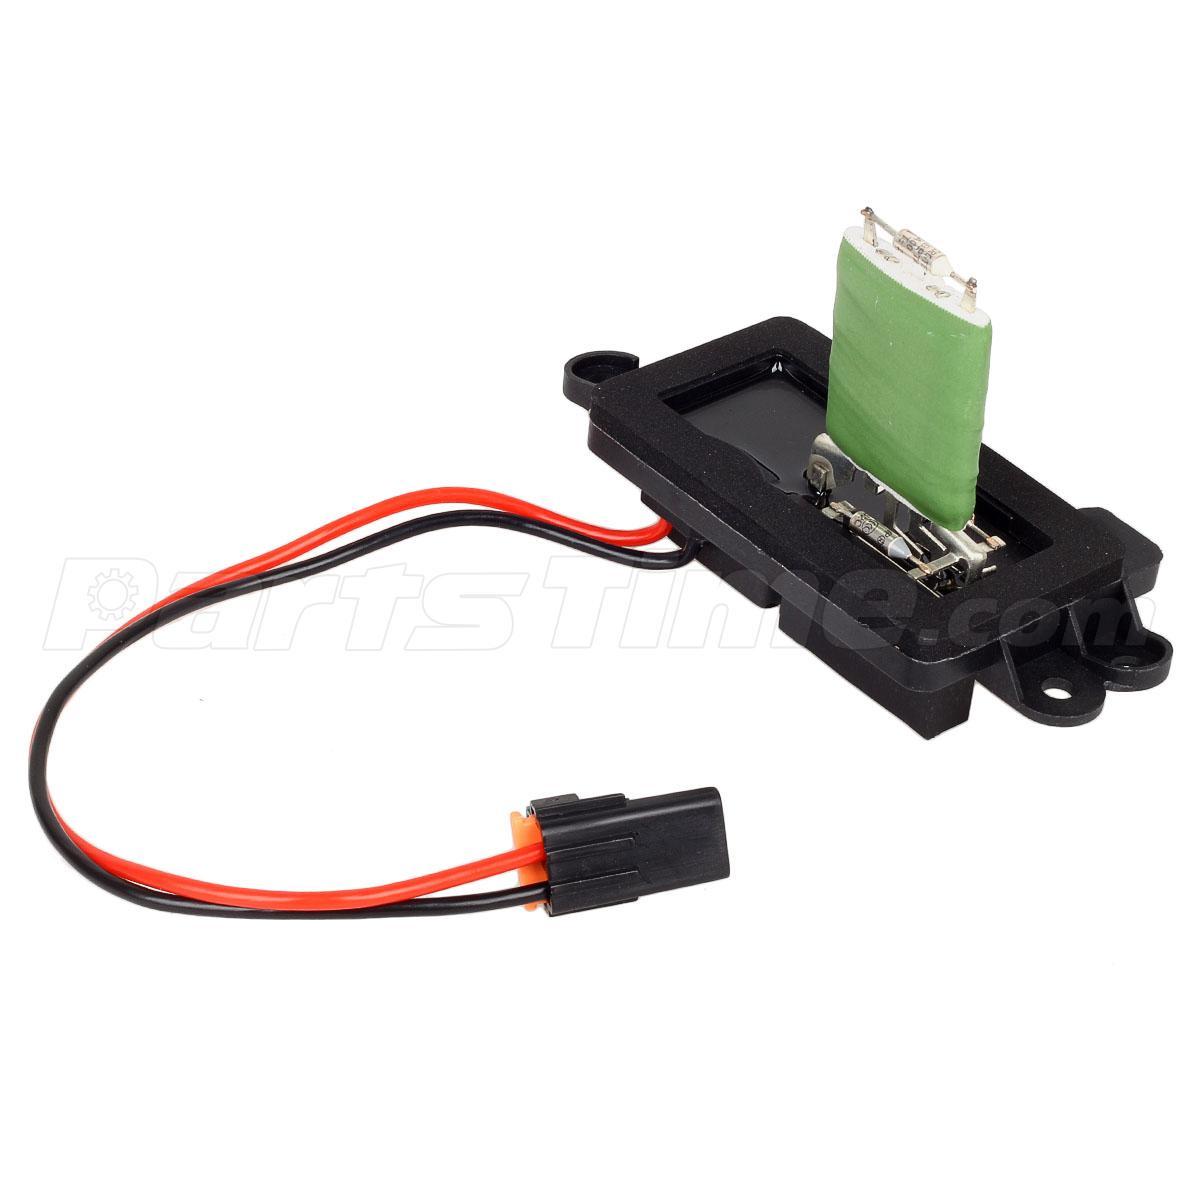 Blower Motor Resistor Wiring Diagram Blower Motor Resistor Wiring